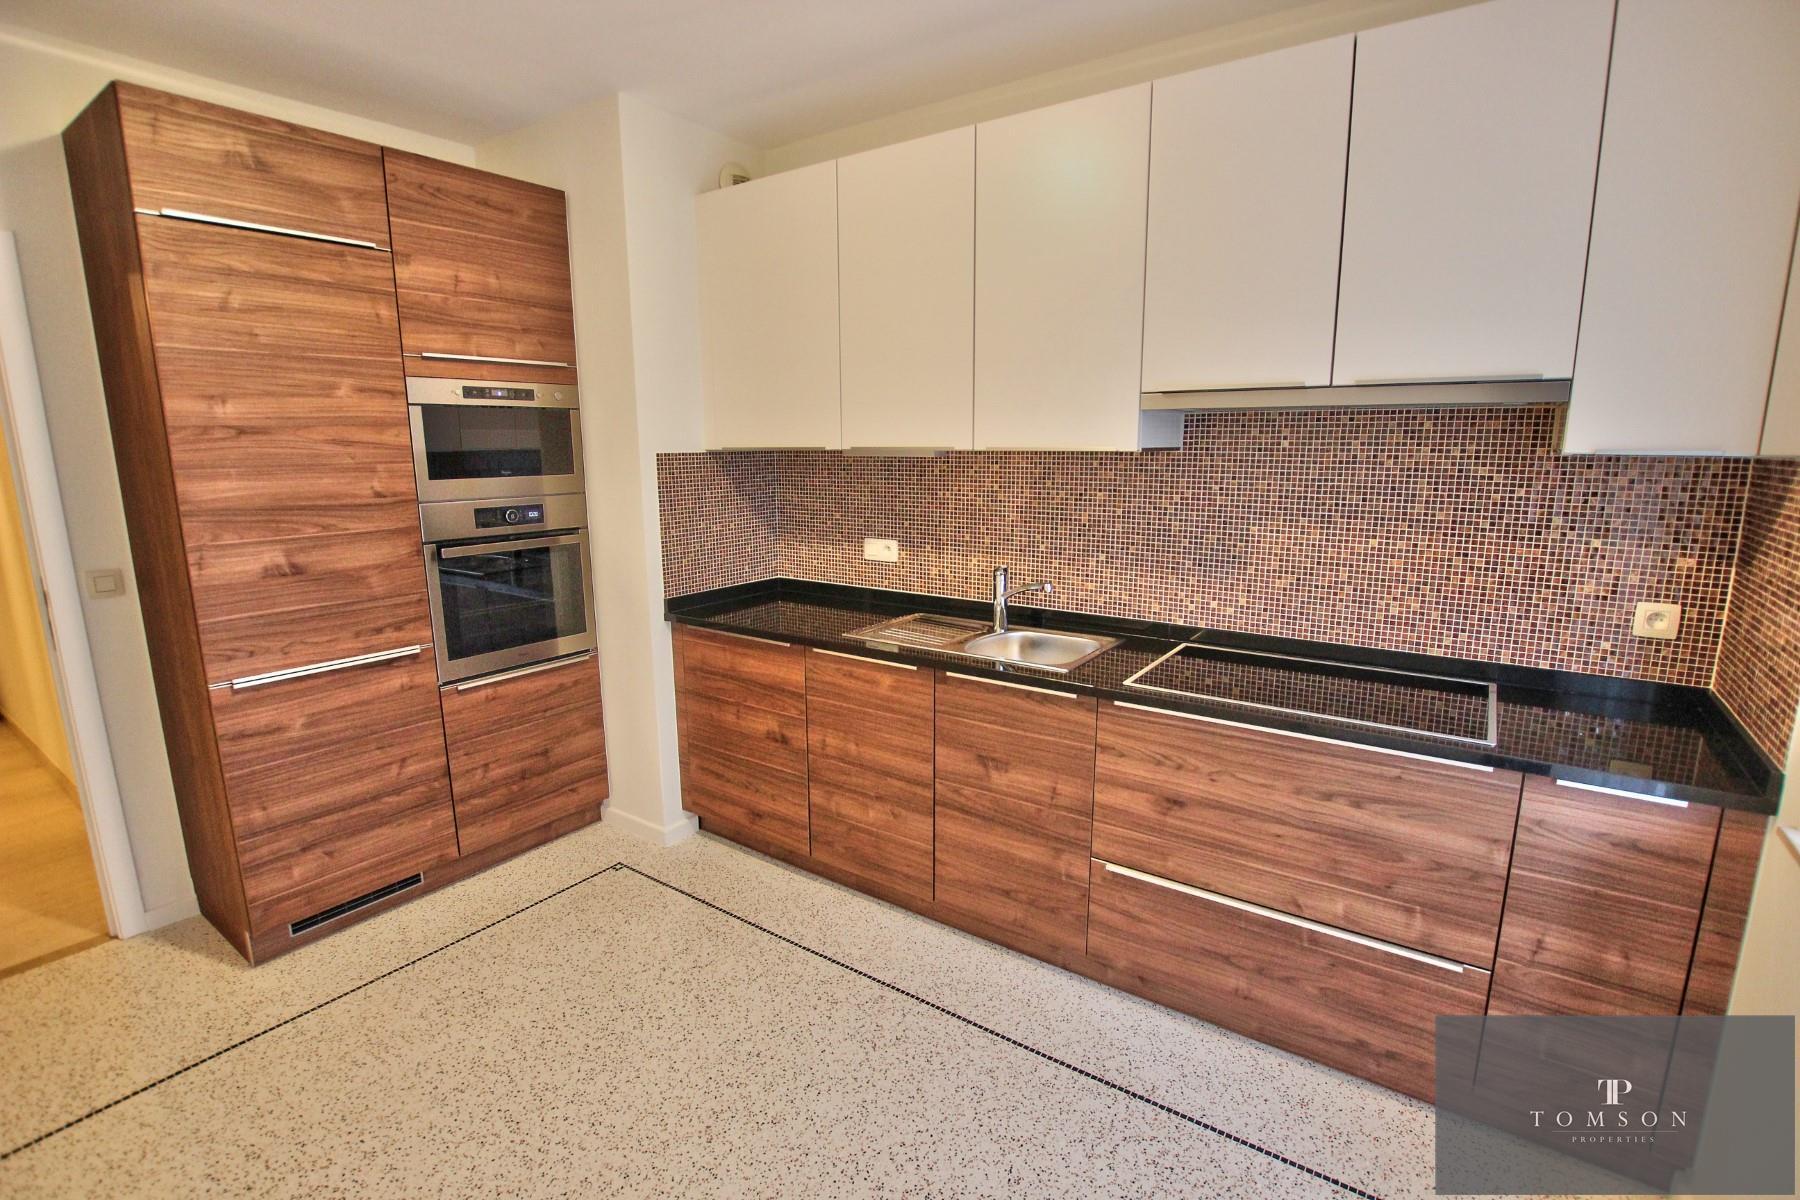 Appartement - Ixelles - #4142278-2